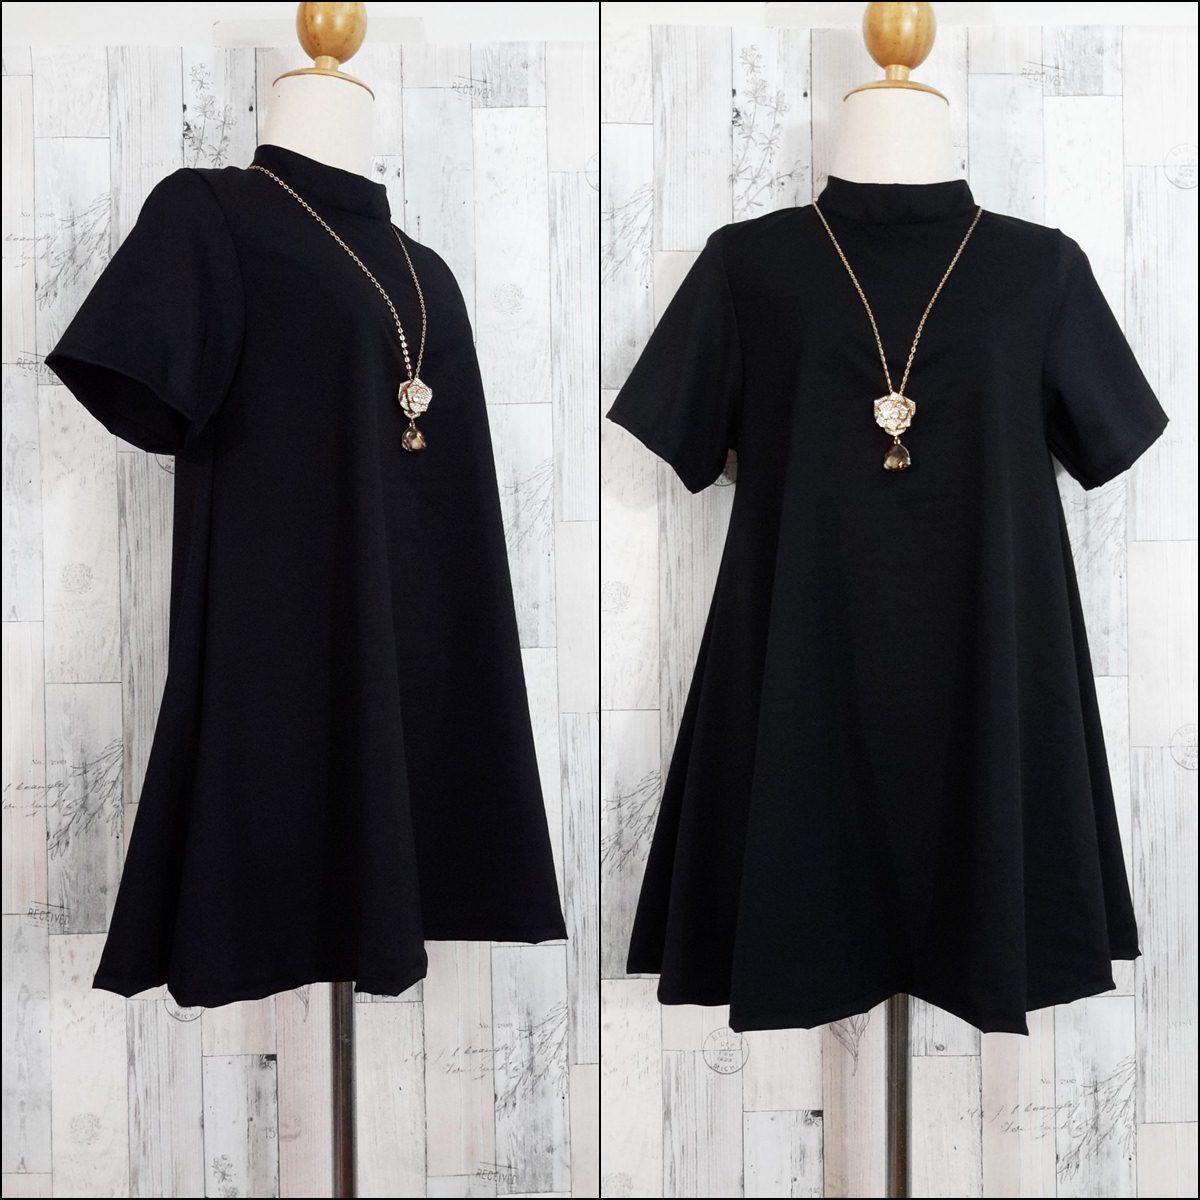 Dress3609 ชุดเดรสแฟชั่นทรงปล่อยใส่สบาย มีซิปหลังใส่ง่าย ผ้าไหมอิตาลีสีพื้นดำ งานดีผ้านุ่มใส่สบาย